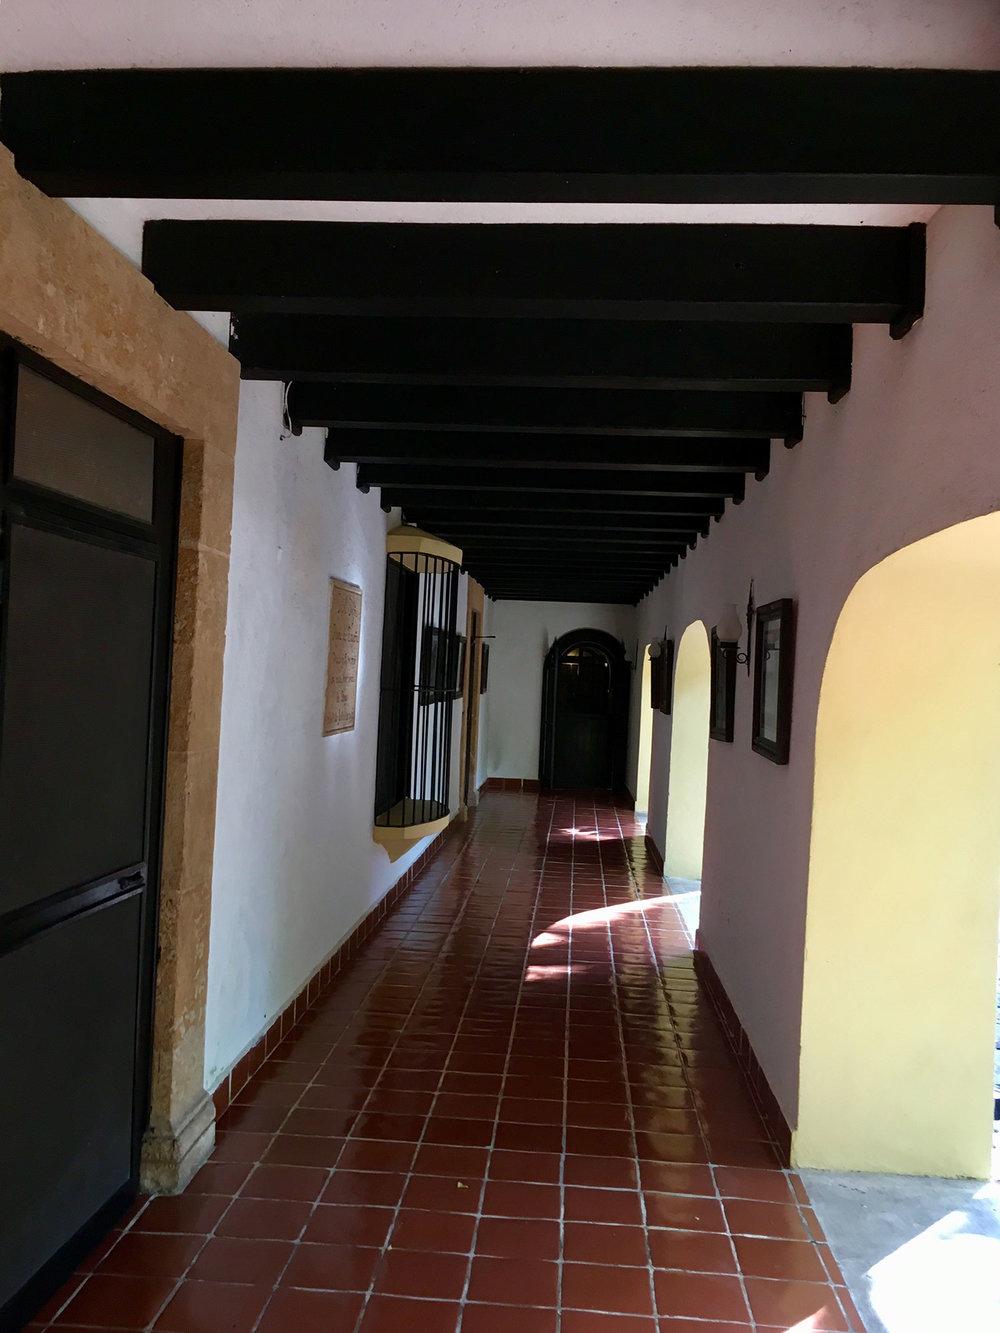 Hammocks_and_Ruins_Blog_Riviera_Maya_Mexico_Travel_Discover_Yucatan_What_to_do_Merida_Haciendas_Teya_15.jpg